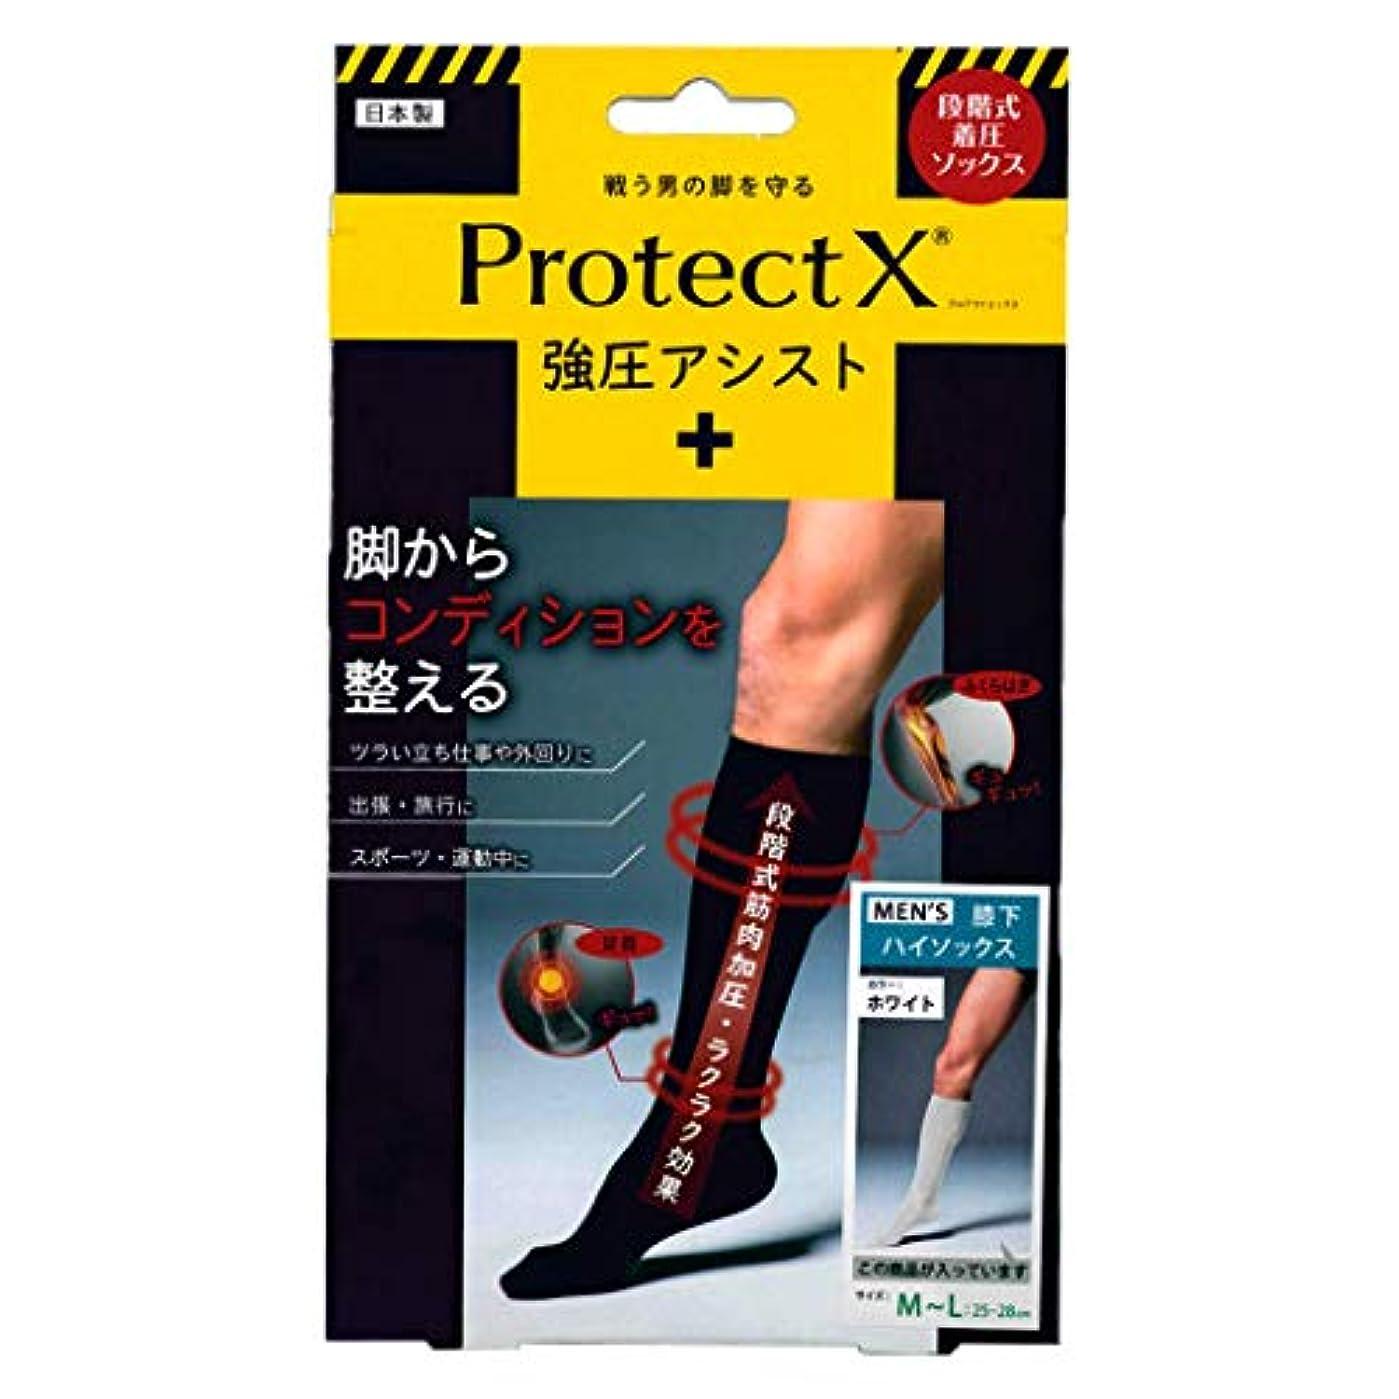 皿方言球状Protect X(プロテクトエックス) 強圧アシスト つま先あり着圧ソックス 膝下 M-Lサイズ ホワイト